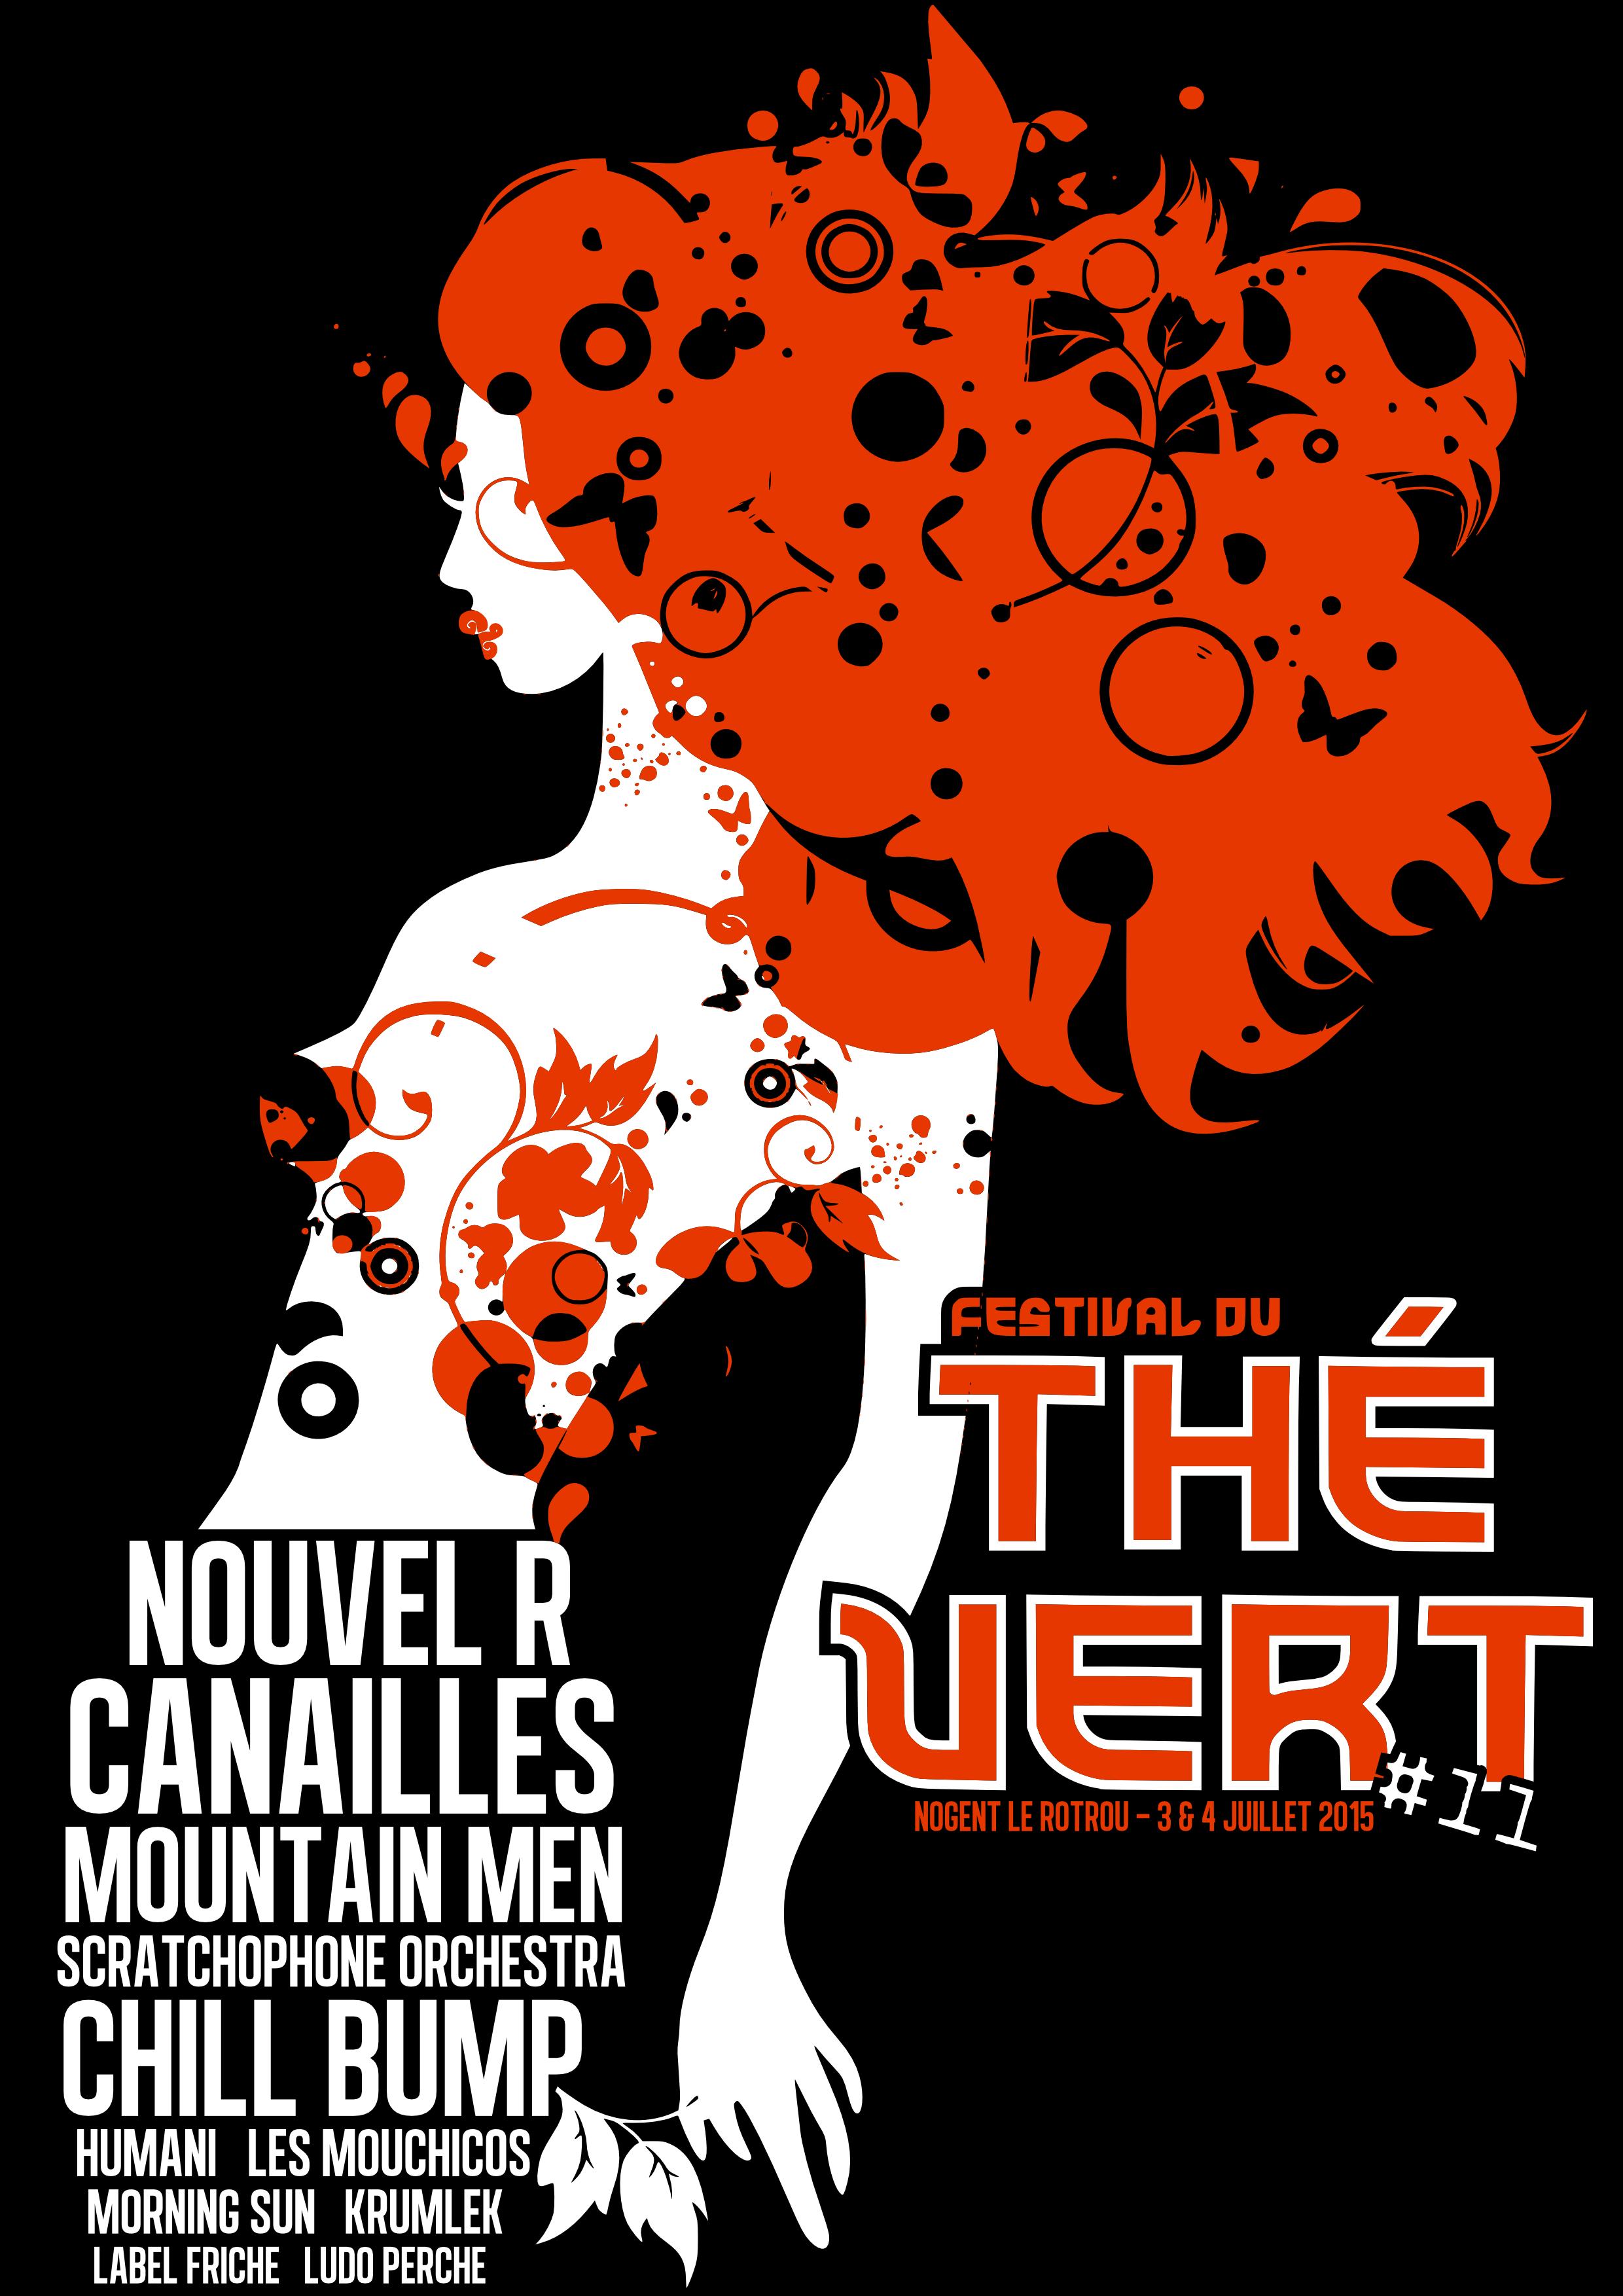 Festival du Thé Vert 2015 - T-Shirt arrière